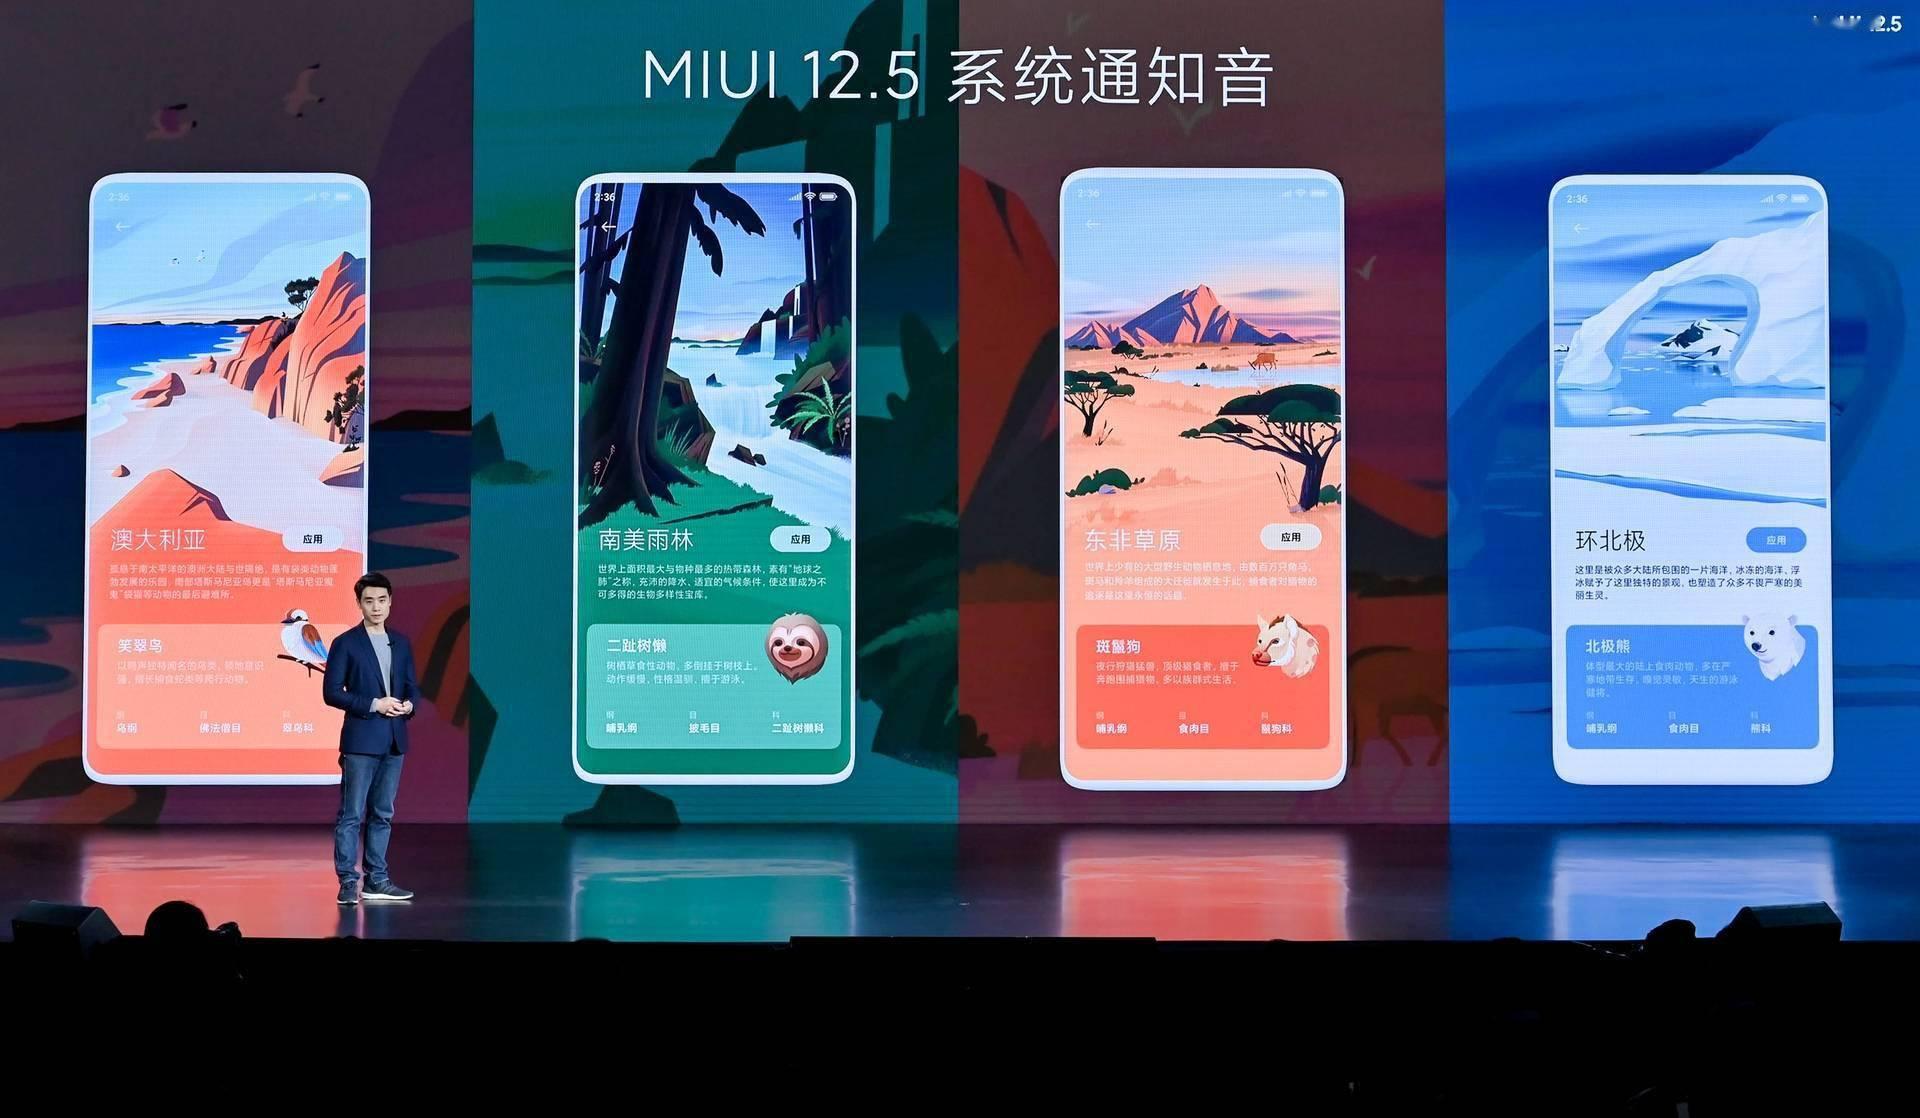 鸿图2注册虽迟但到的 MIUI 12.5 ,能扭转小米用户的口碑吗?(图11)